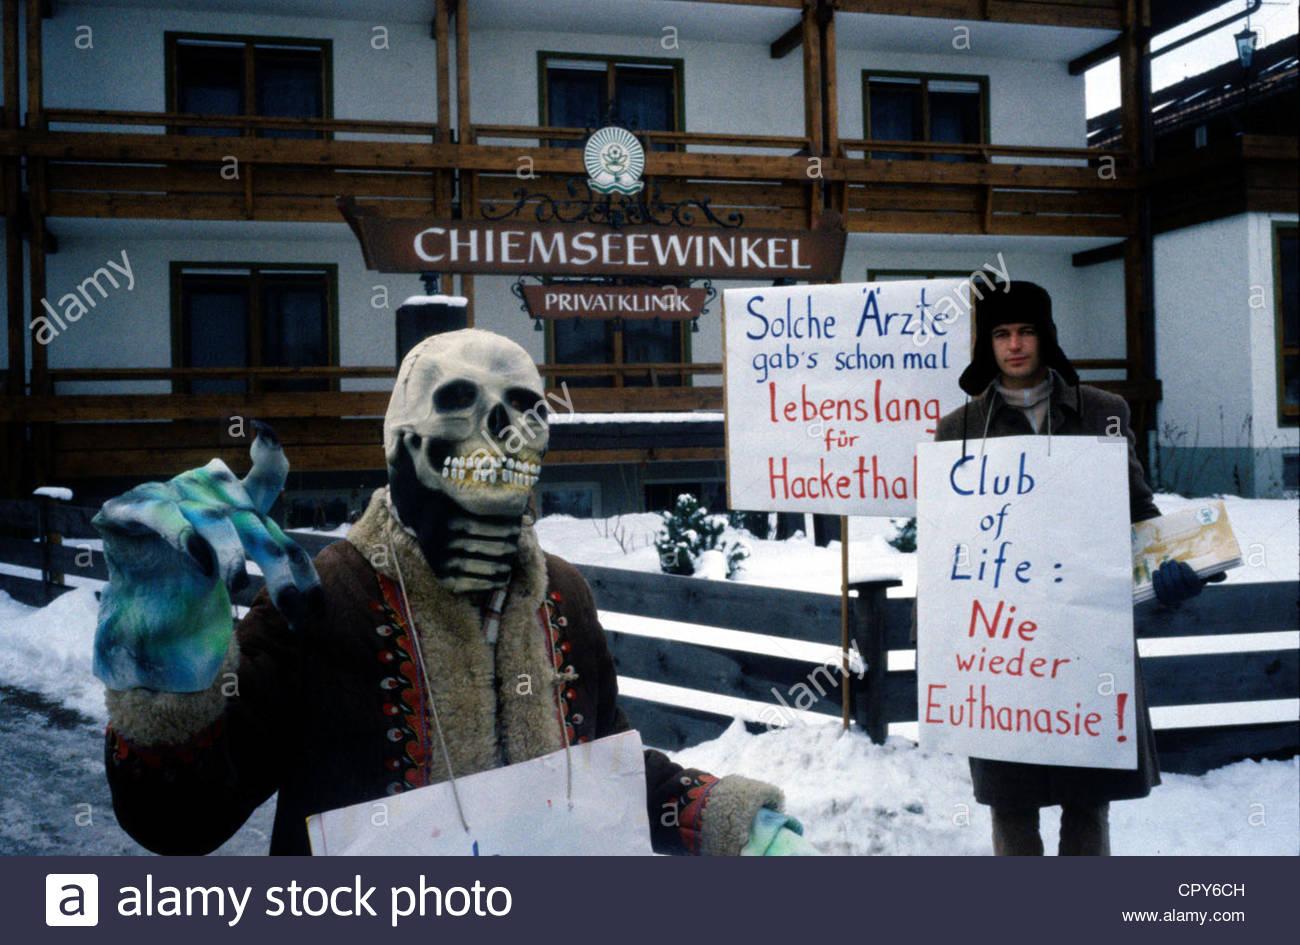 Hackethal, Julius, 6.11.1921 - 17.10.1997, deutscher Chirurg, Autor / Schriftsteller, Protest vor seiner Klinik Stockbild